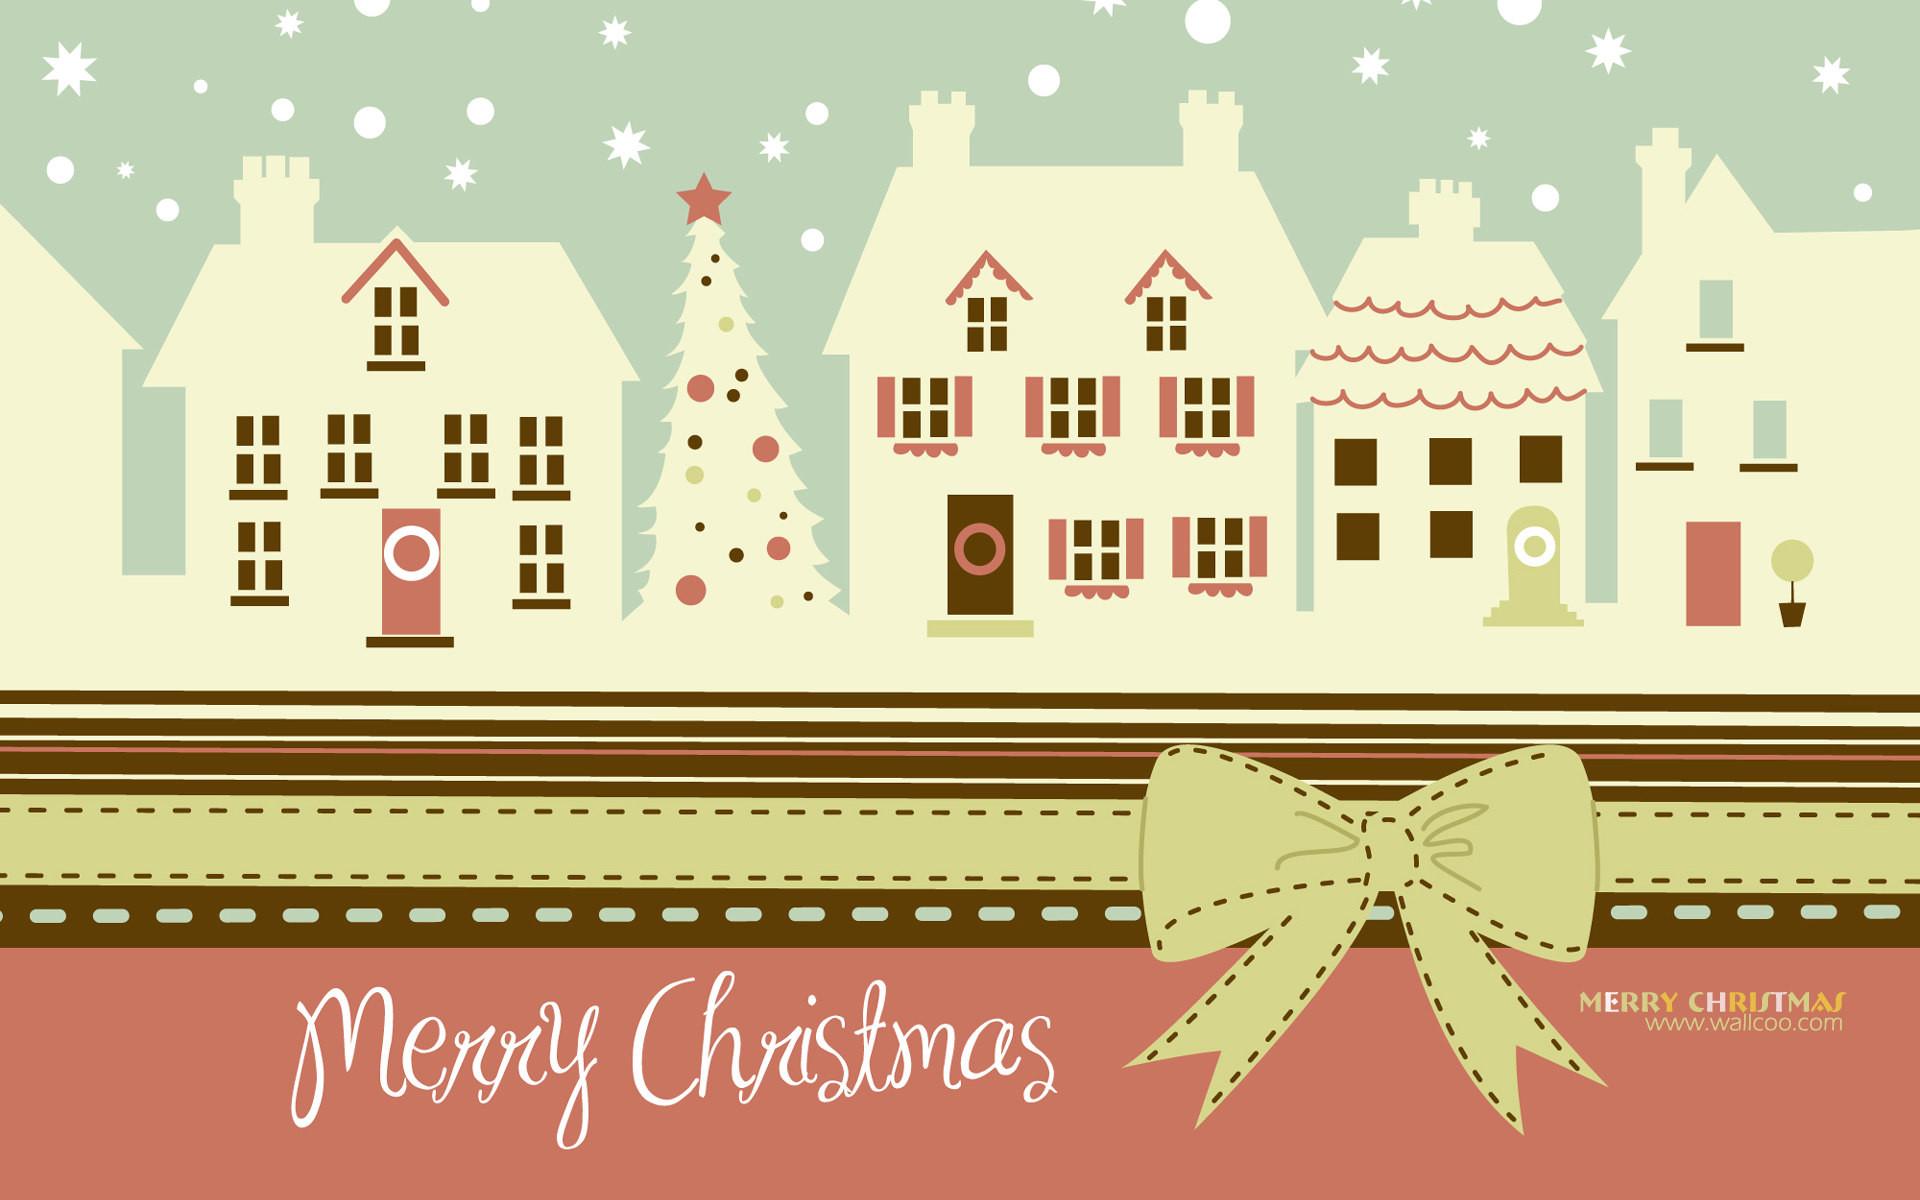 HD Widescreen Christmas art : christmas design and christmas illustrations  圣诞节插画 1920*1200